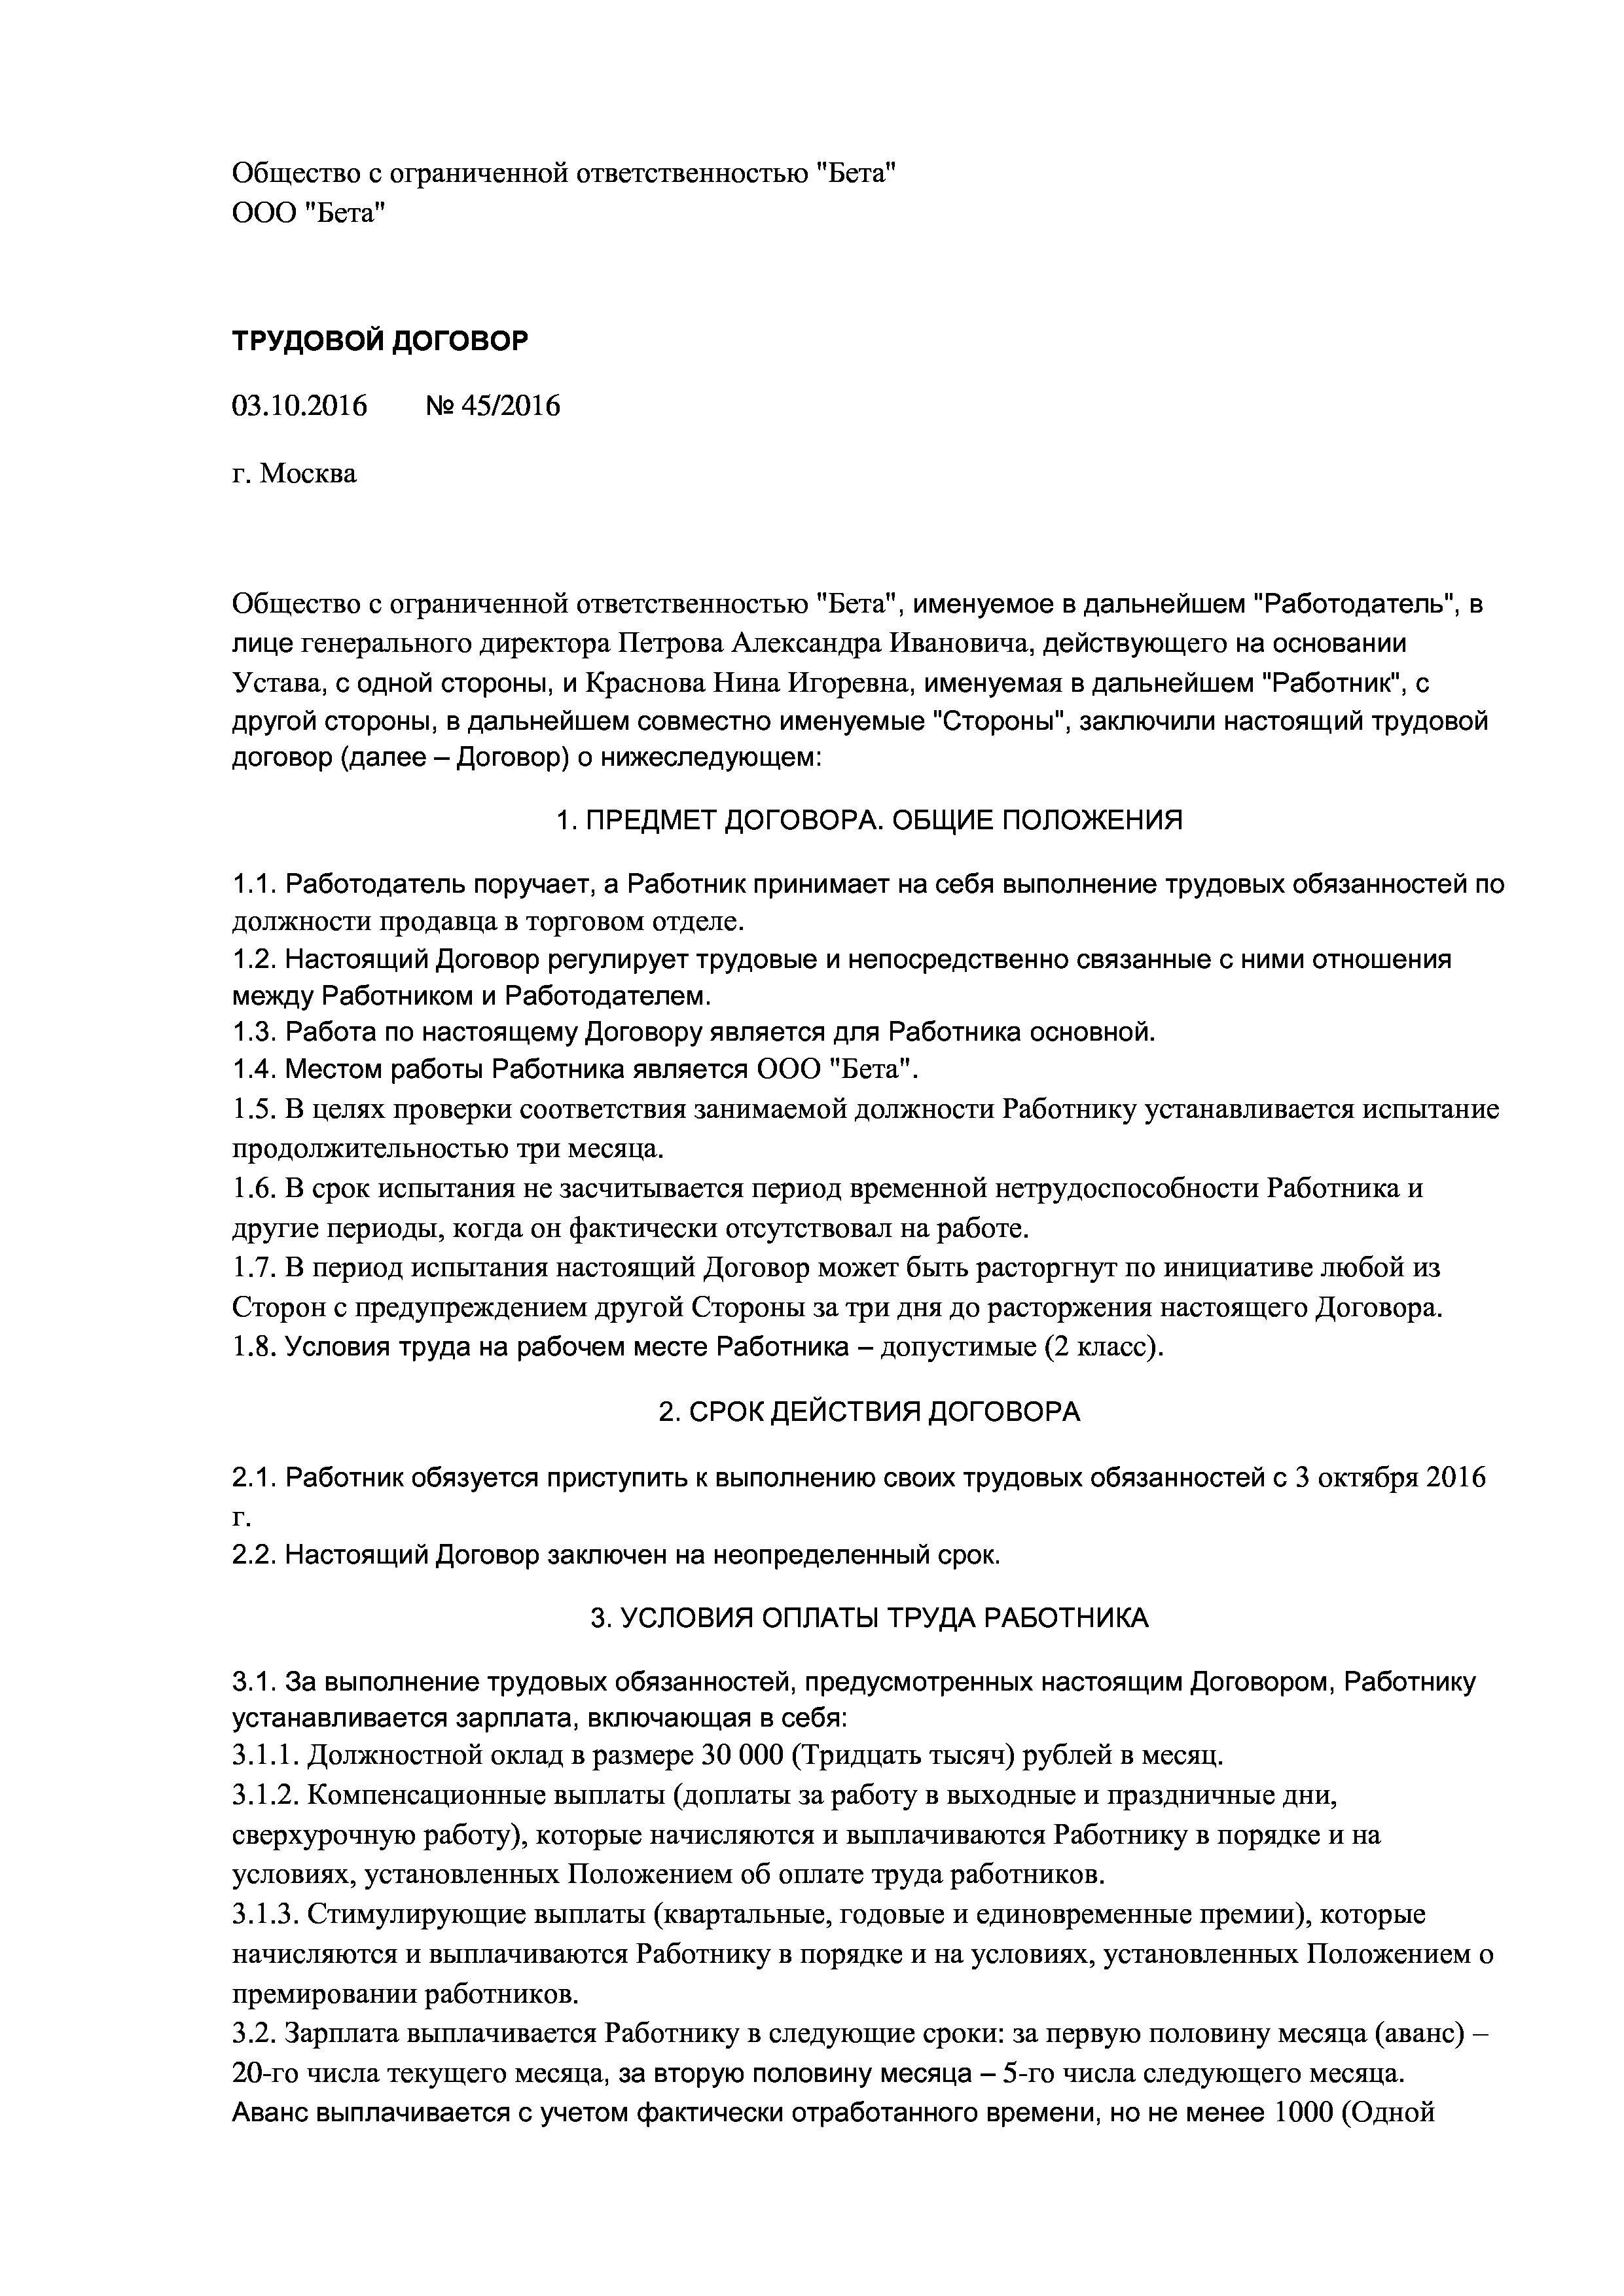 Договор на бухгалтерское сопровождение шаблон декларация по ндфл 2007